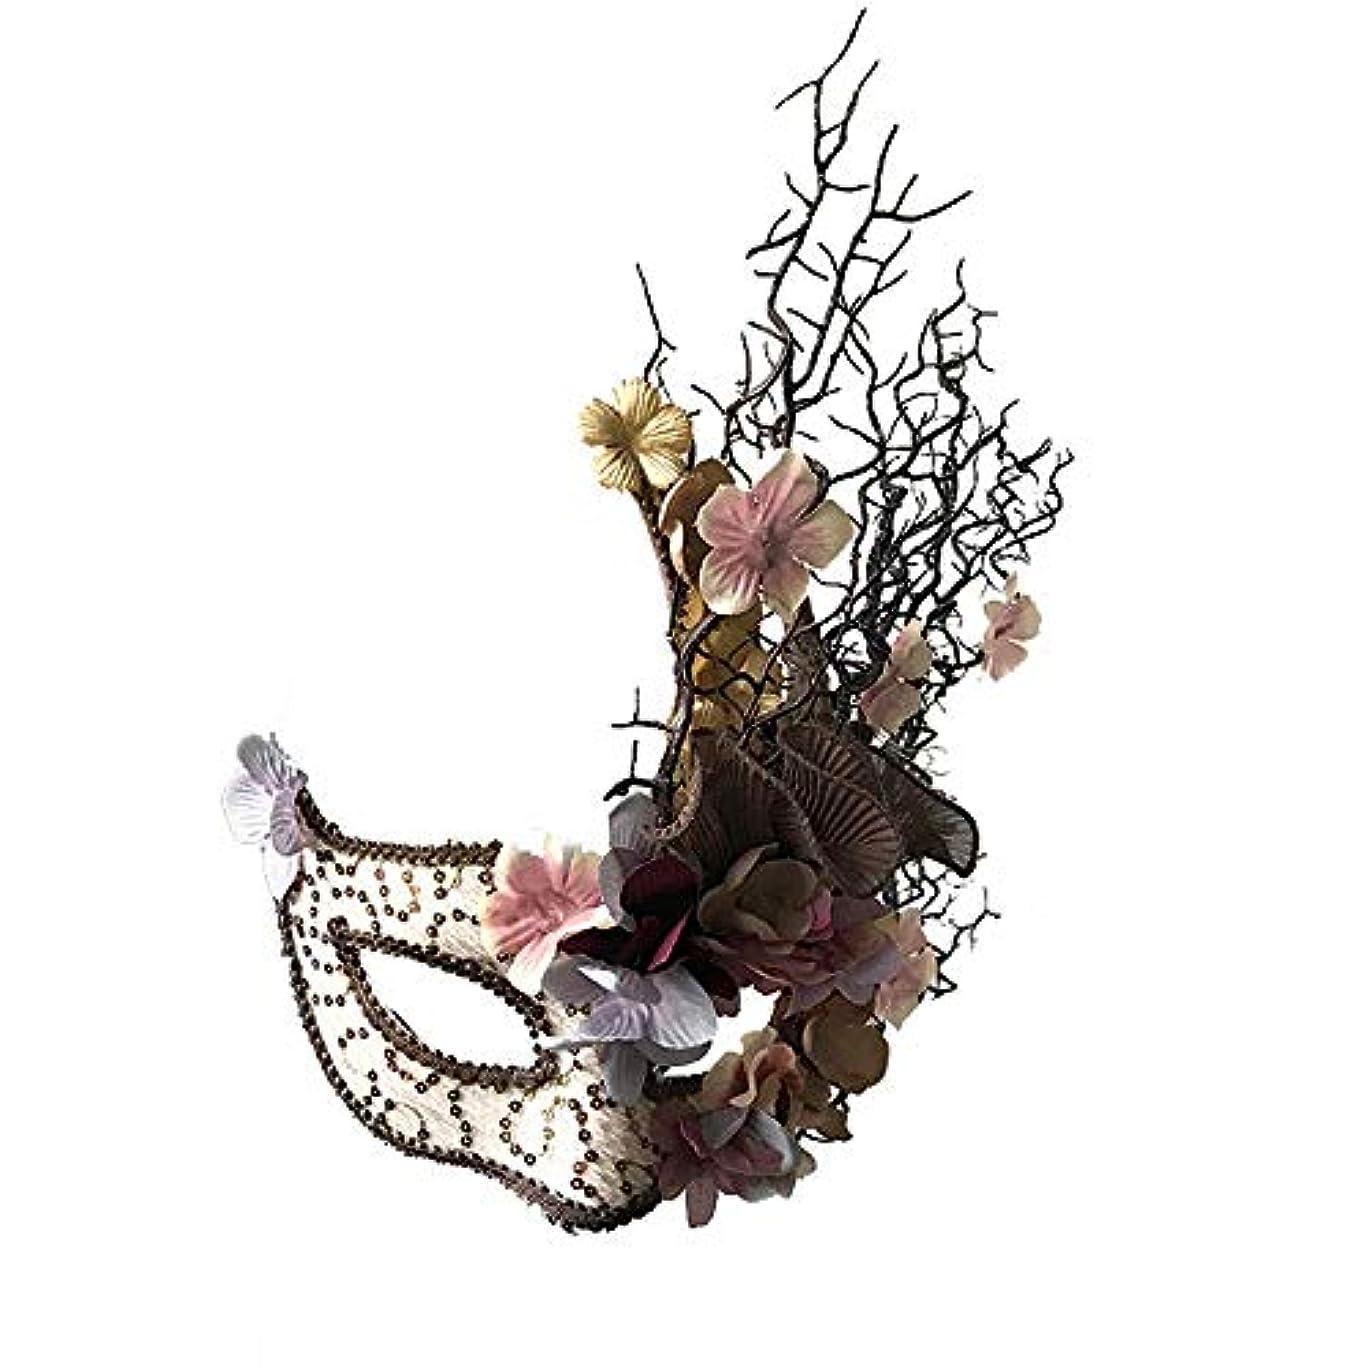 アラート状況迷彩Nanle ハロウィンプラムツリーブランチマスク仮装手持ちのマスクレディミスプリンセス美容祭パーティーデコレーション (色 : Pink hand-held)